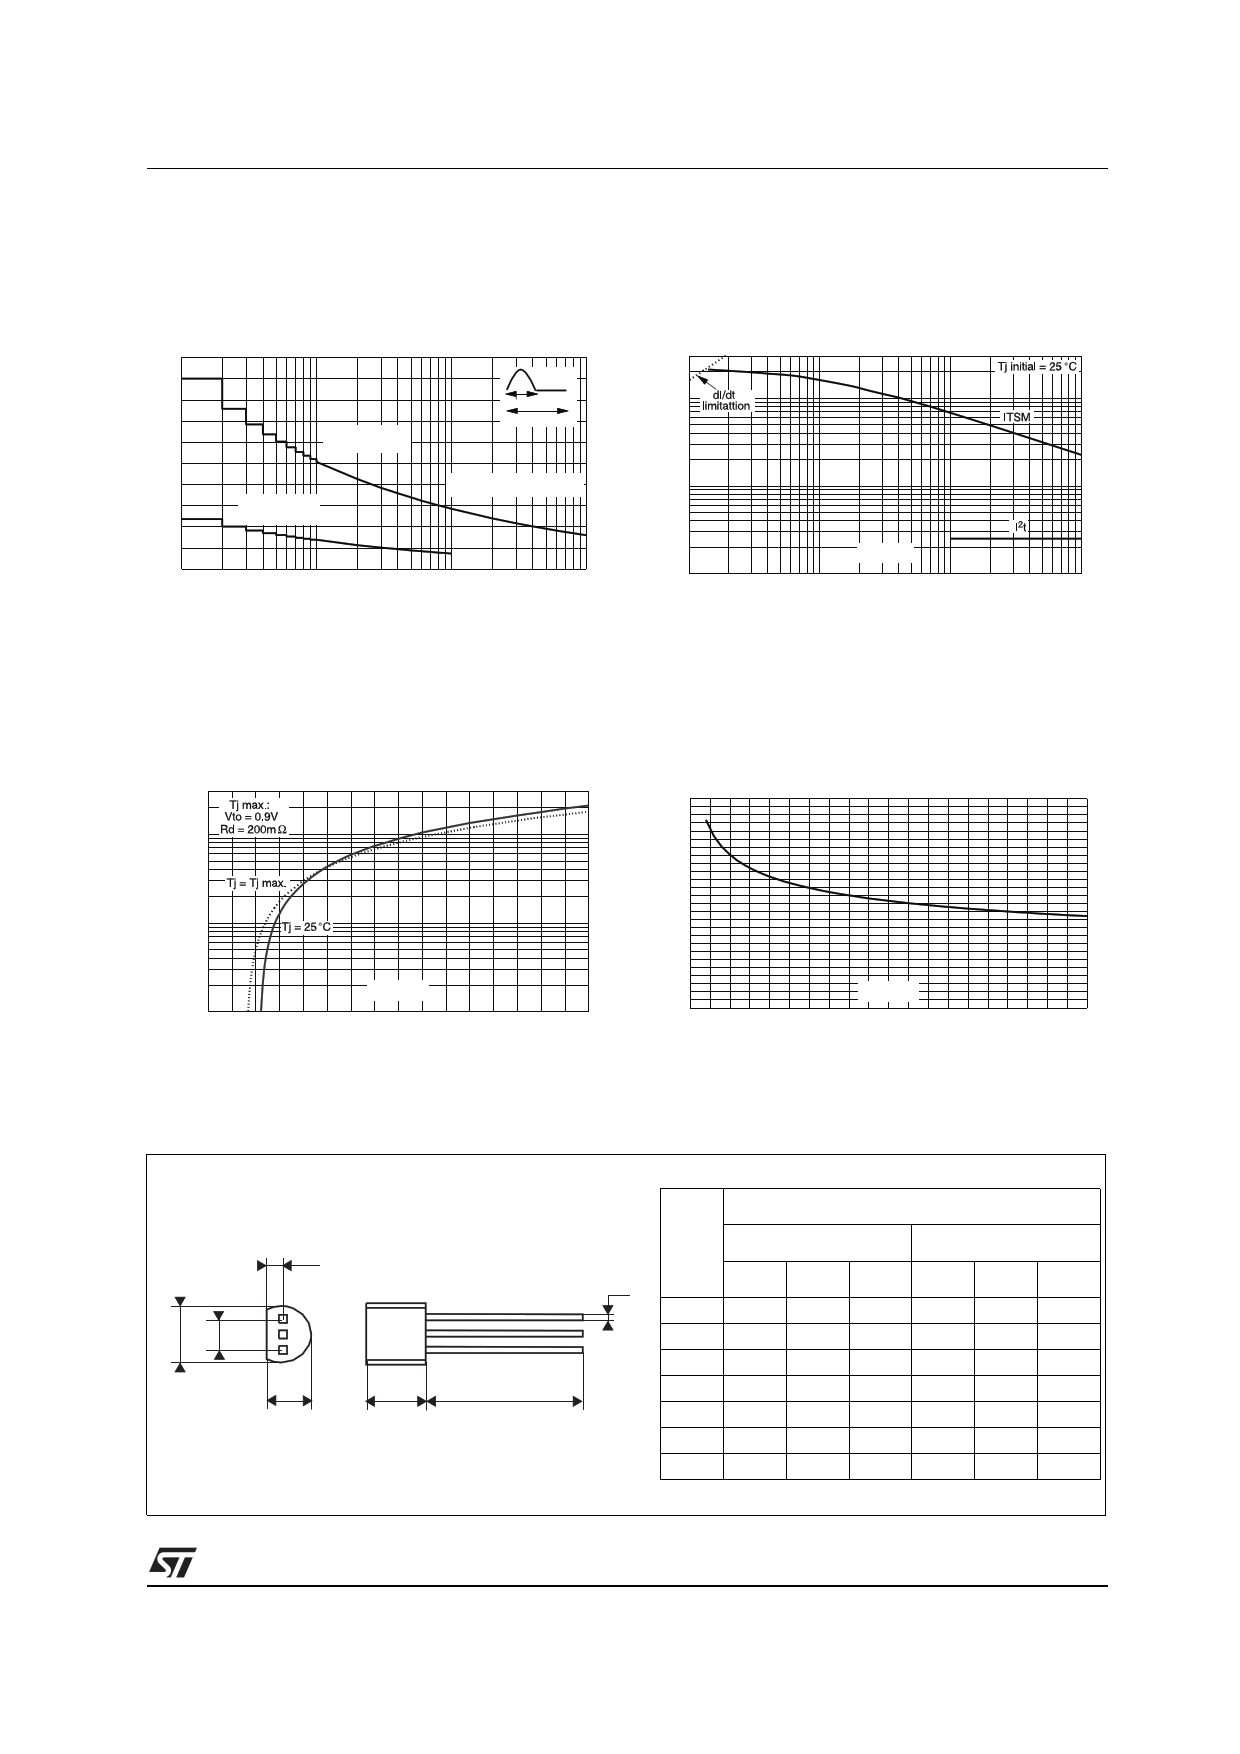 X0205yN5BA4 pdf, arduino